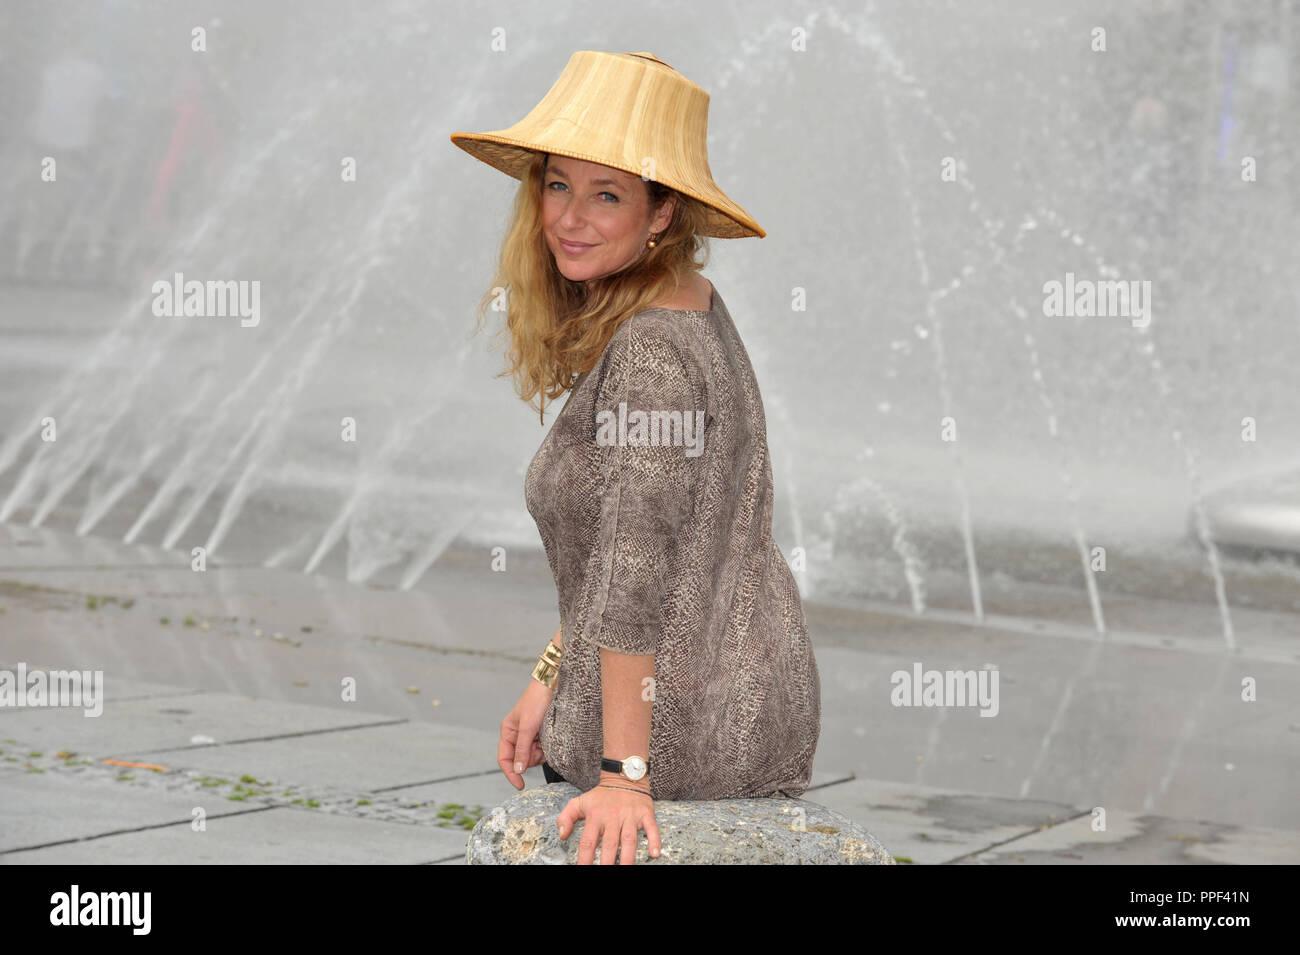 Diana Iljine, Geschäftsführer der Münchner Filmwochen und Direktor des Filmfest München, dargestellt am Stachus Brunnen mit ihr Lieblingsstück für den Sommer. Stockbild